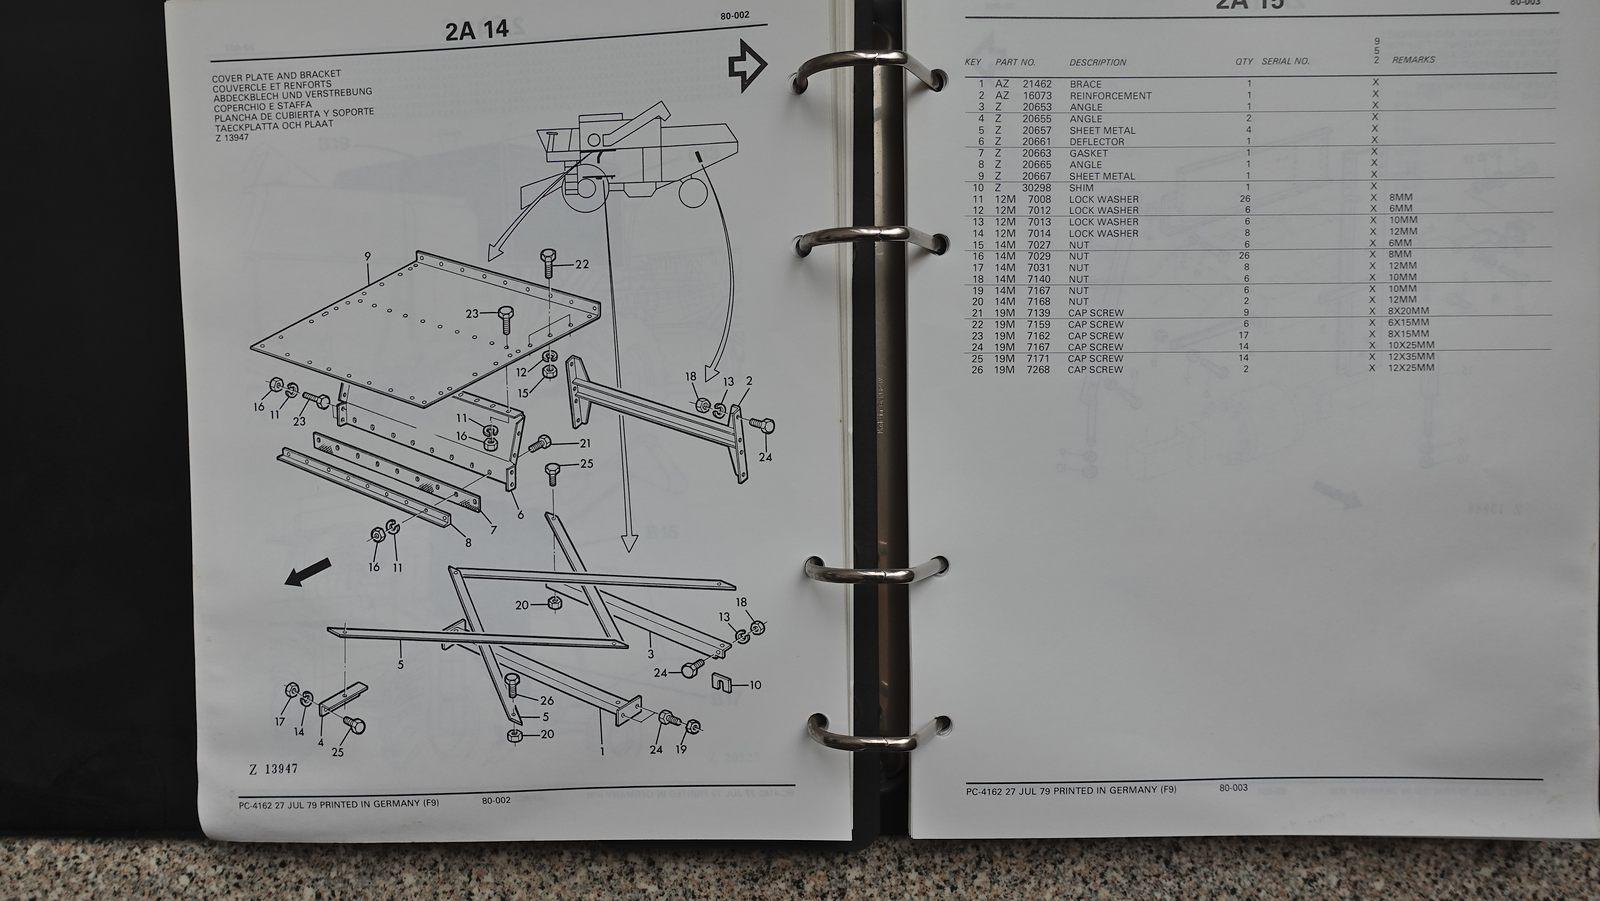 Ersatzteilekatalog für den John Deere 952 Mähdrescher